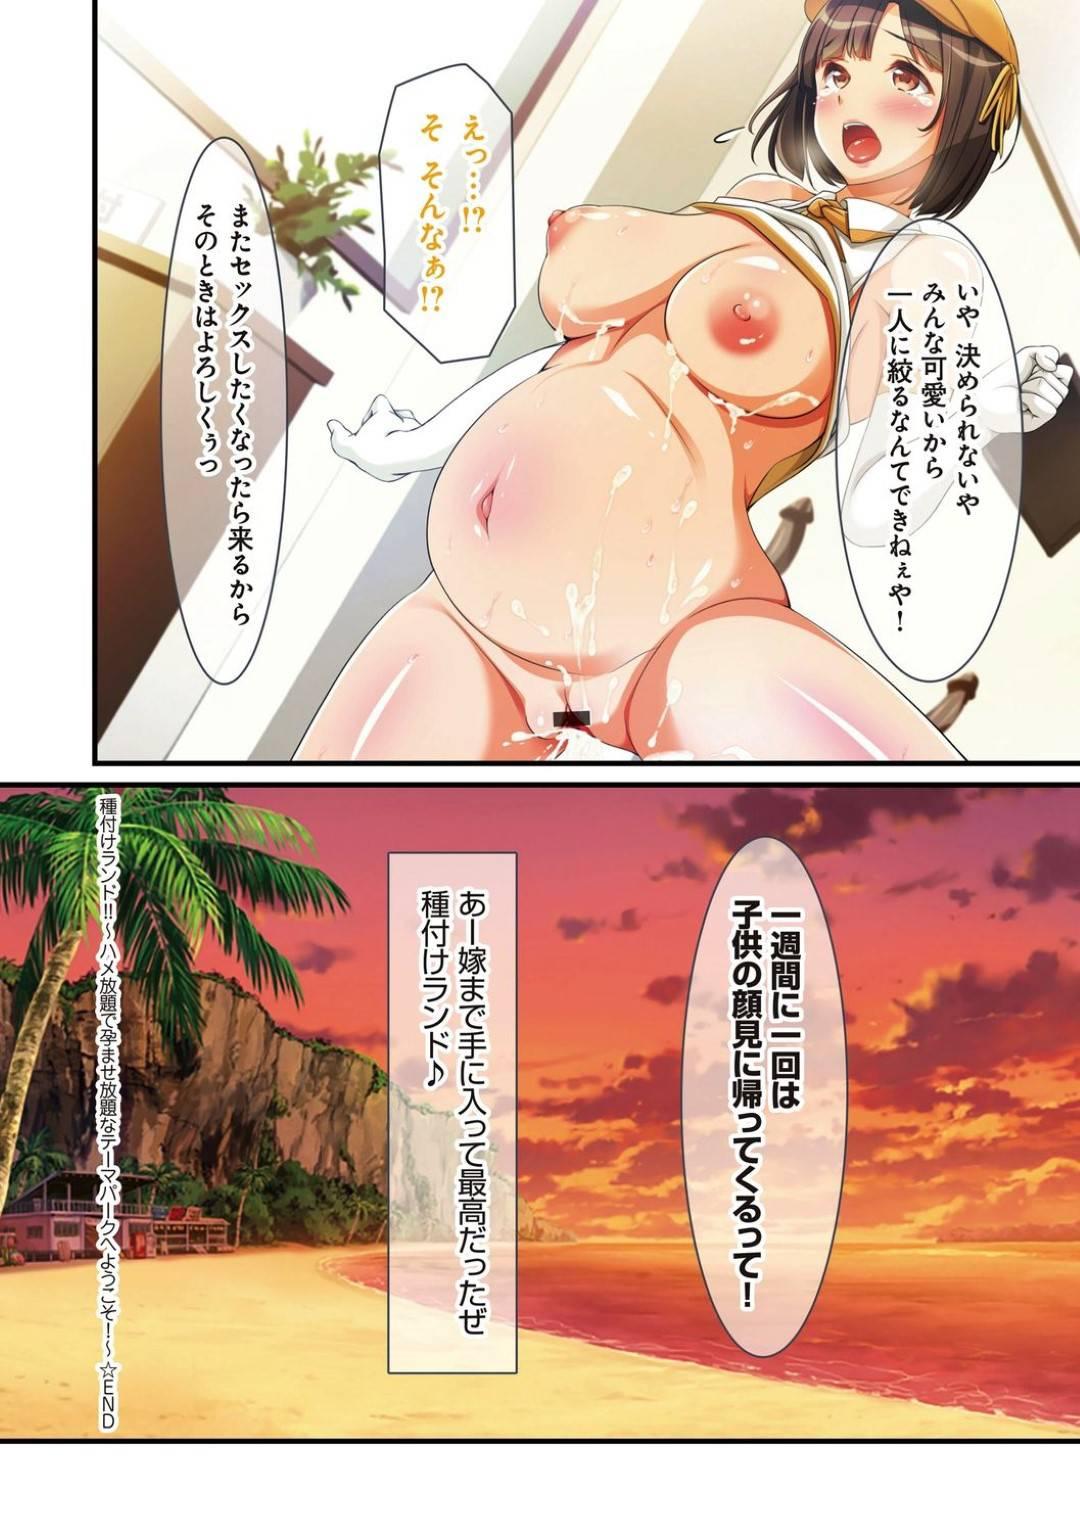 【エロ漫画】巨大テーマパークの種付けランドにいるビッチ達…ここに遊びに来た男に次々と孕ませた後、以前遊びに来た時に孕ませ妊娠した彼女たちにも再びセックス!【くっくみるく】